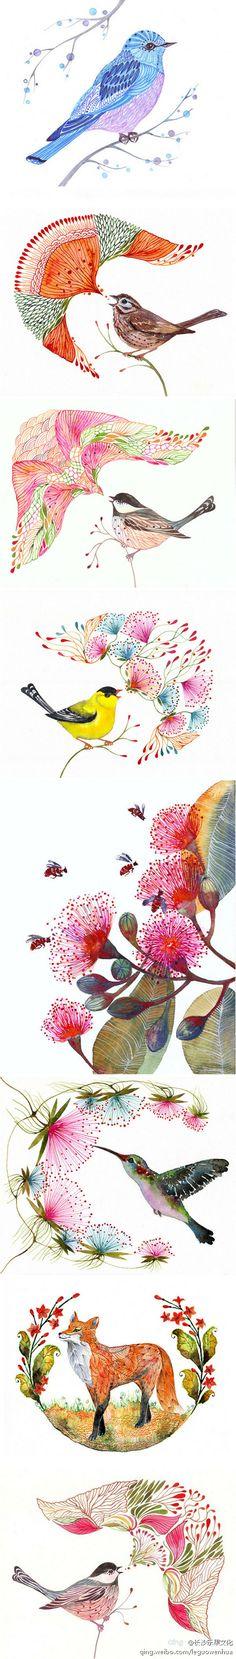 Ola Liola's animal watercolor paintings & illustrations - TevaKiwi on Etsy